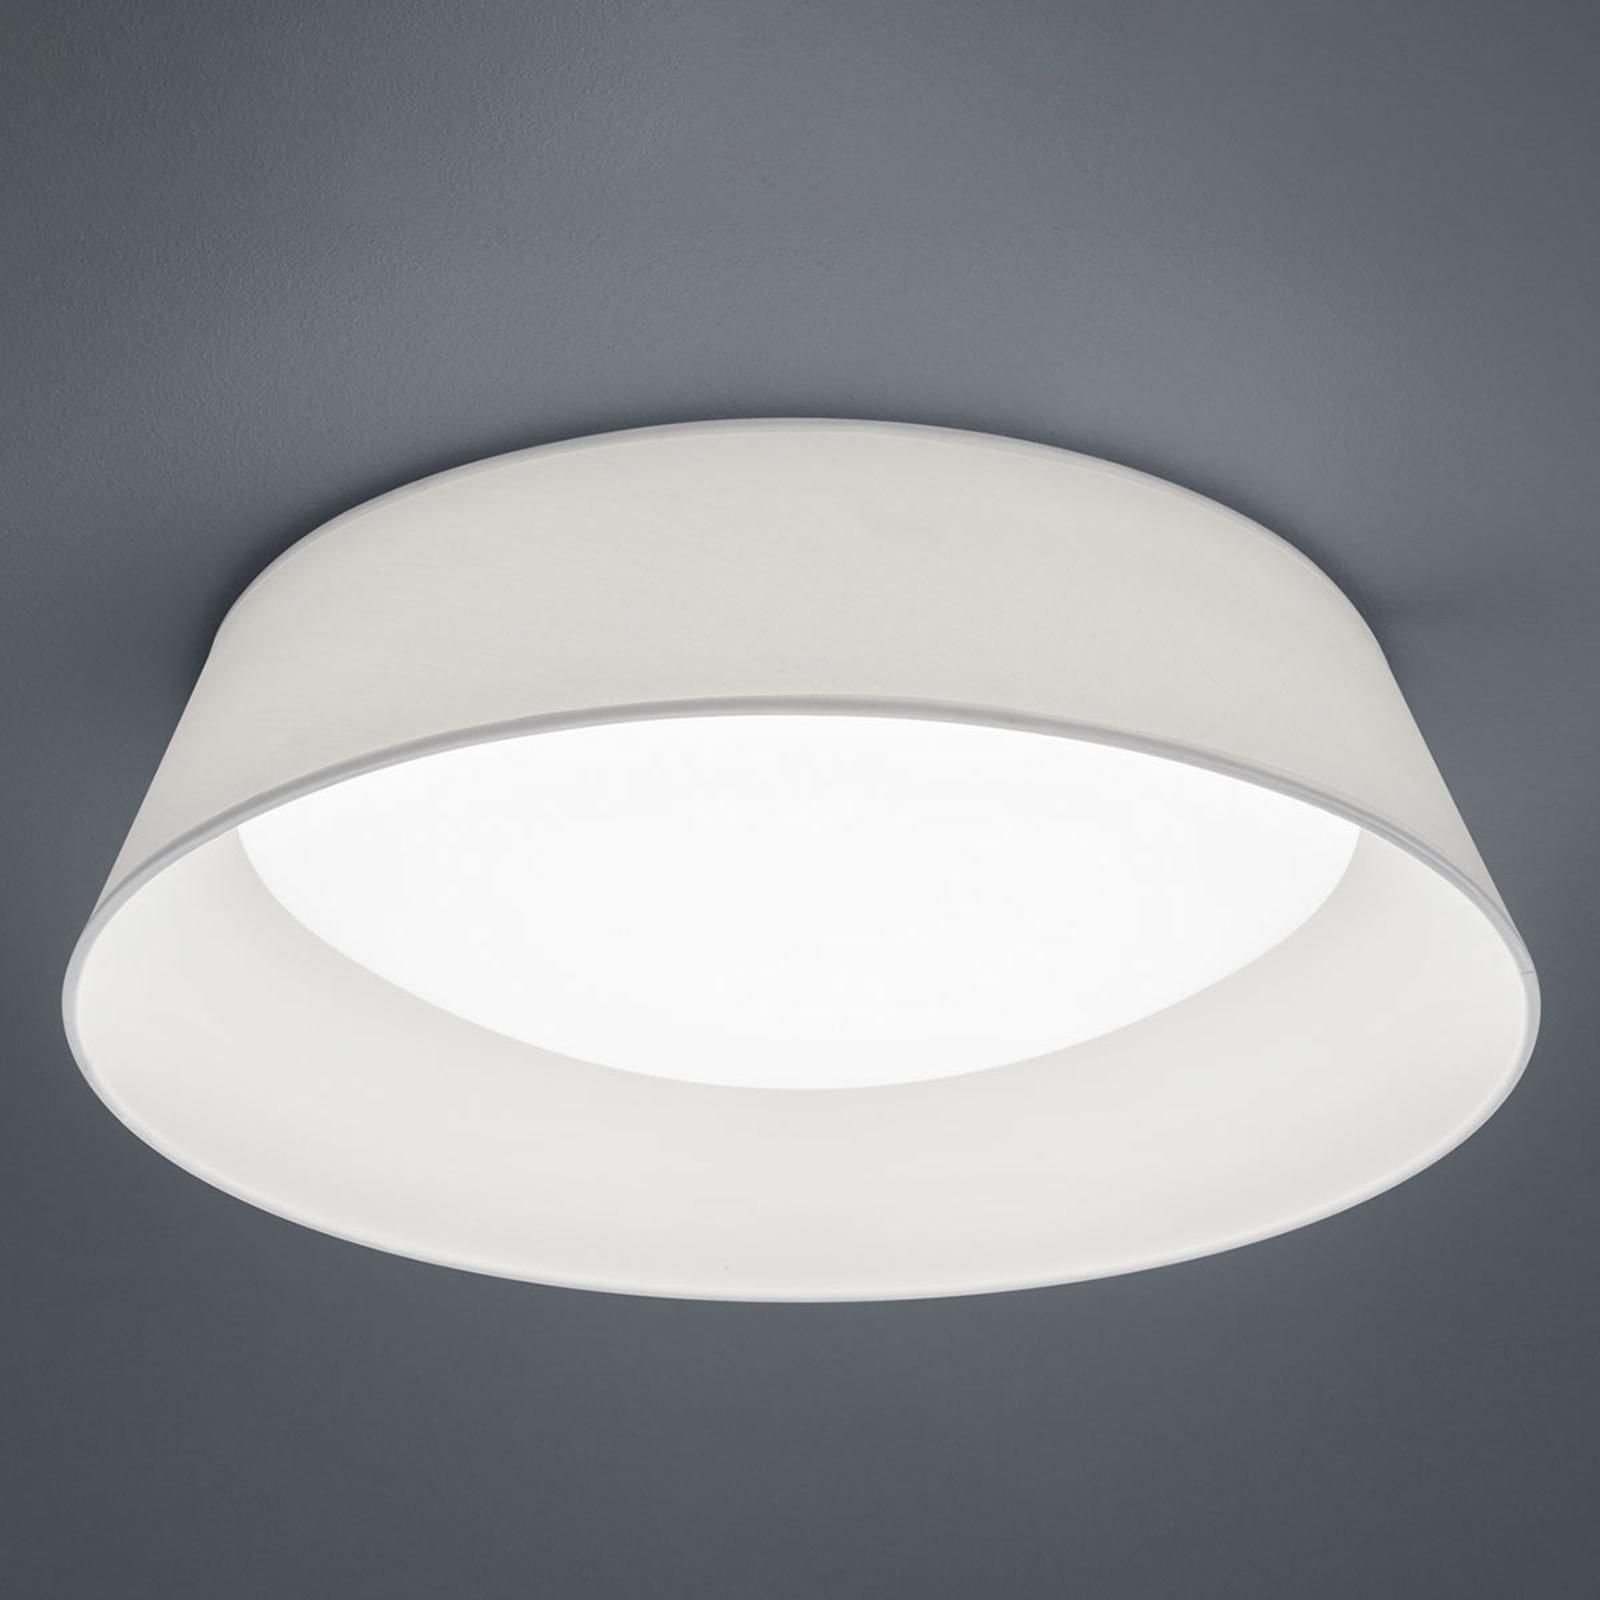 Lampa sufitowa LED Ponts, biały tekstylny klosz